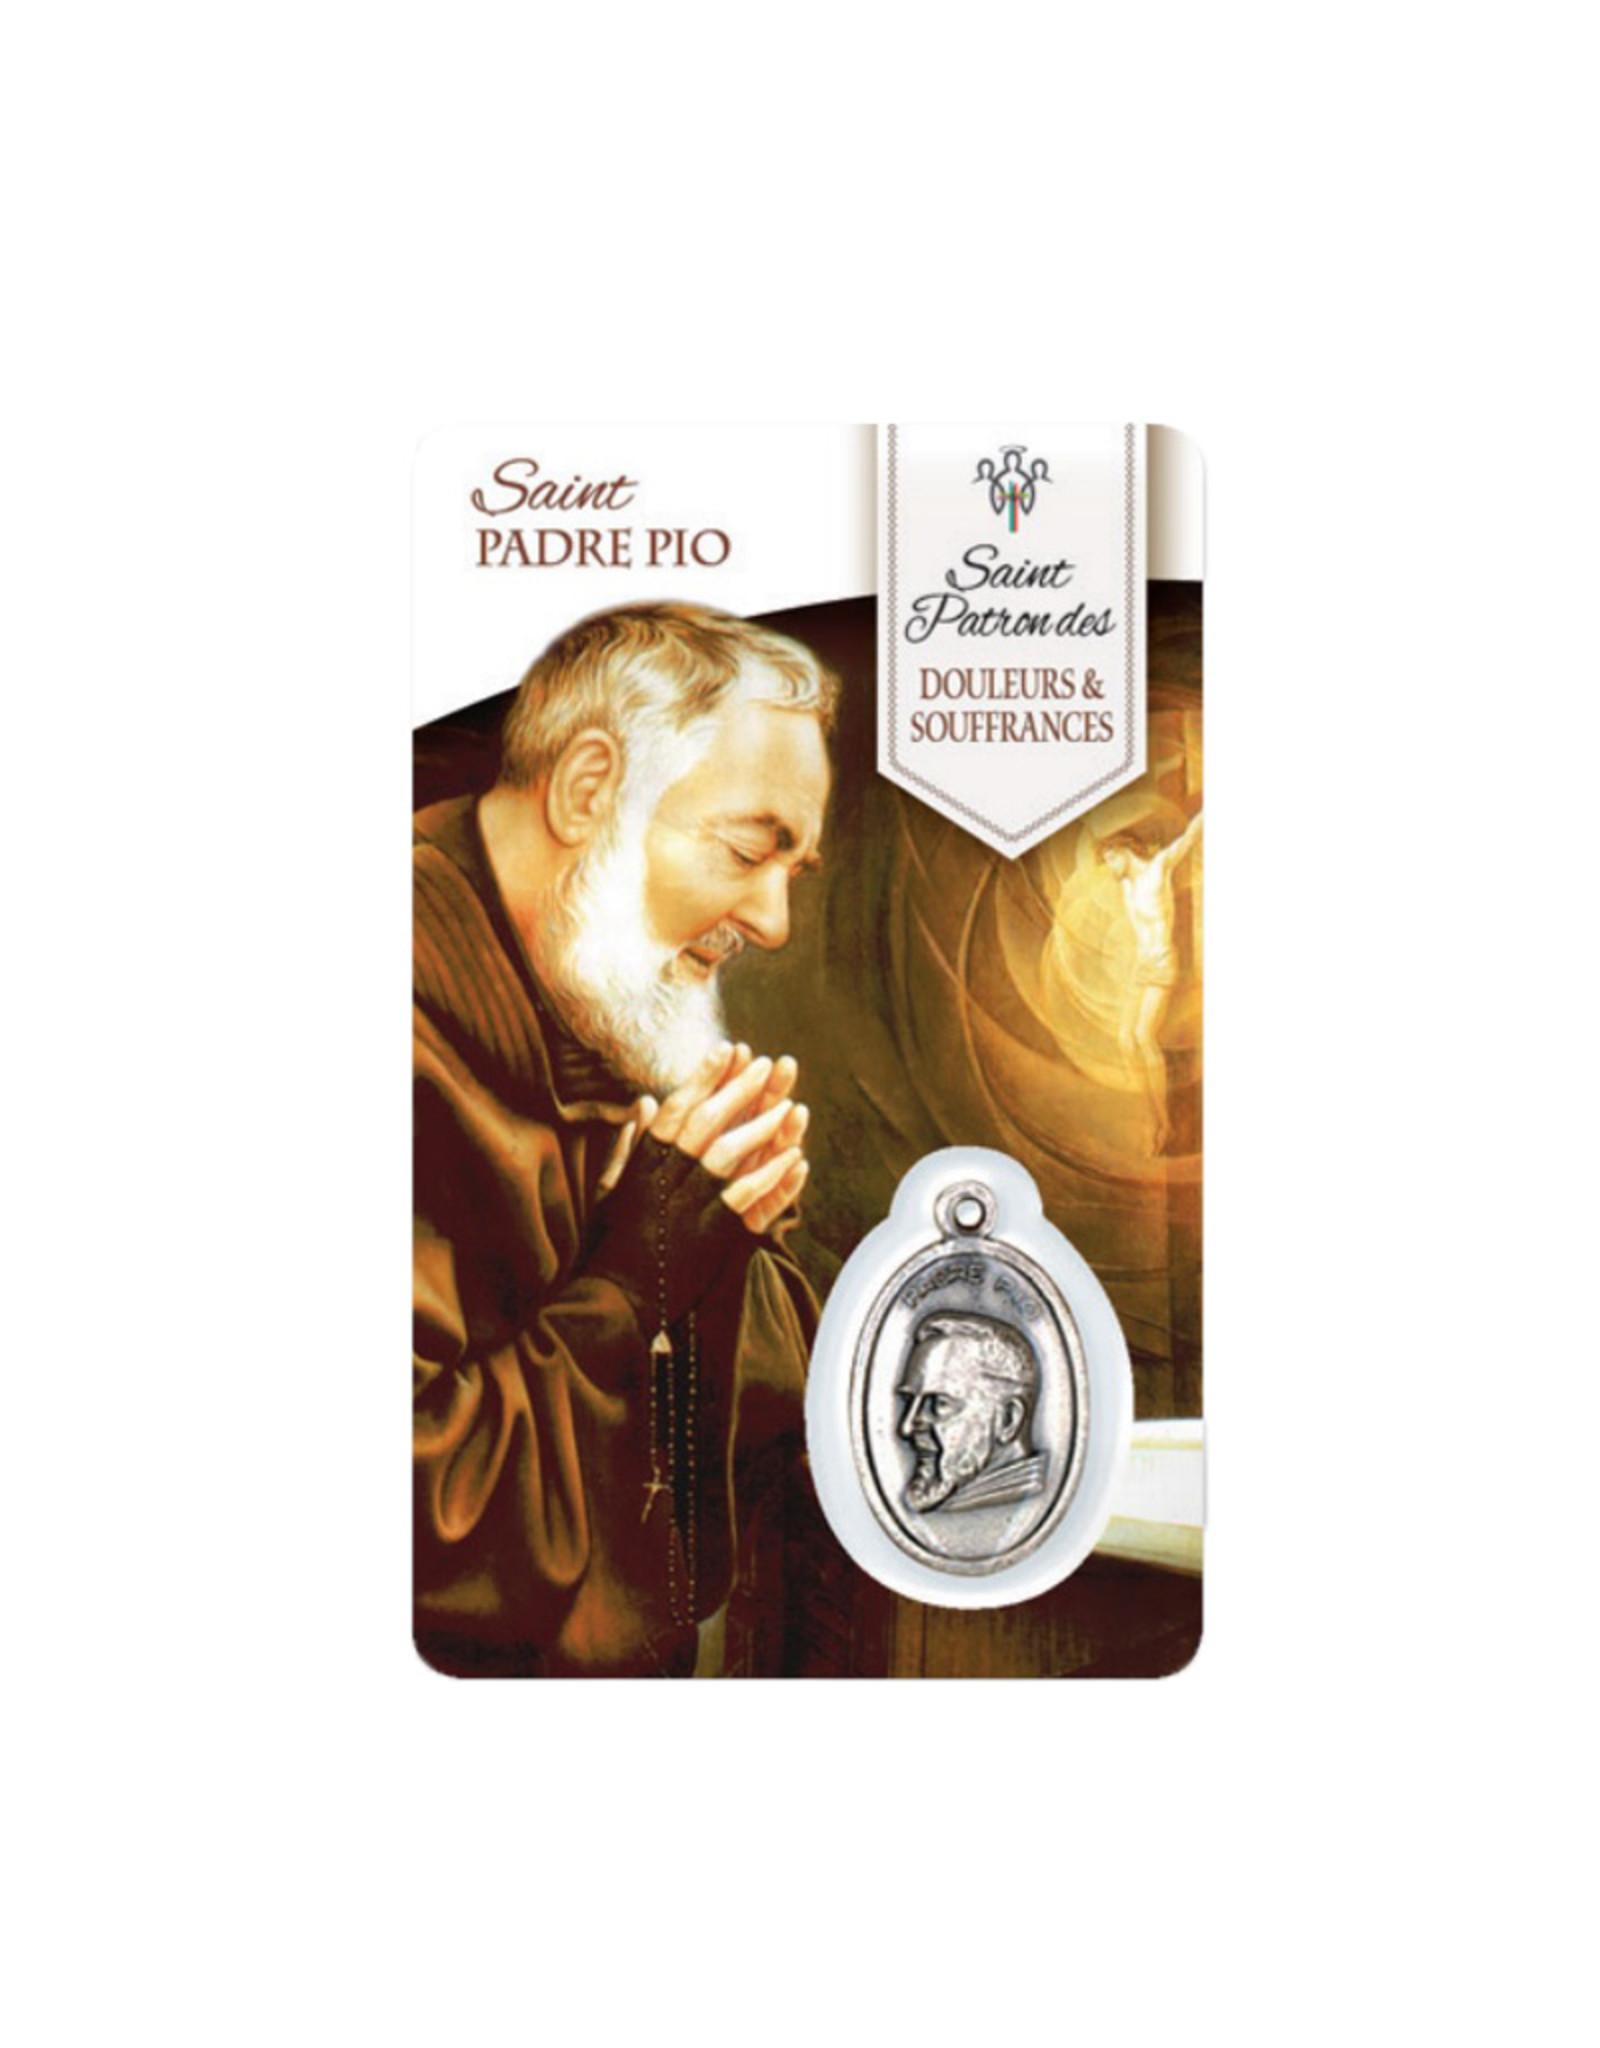 Carte médaille Saint Padre Pio Saint Patron des Douleurs et Souffrances